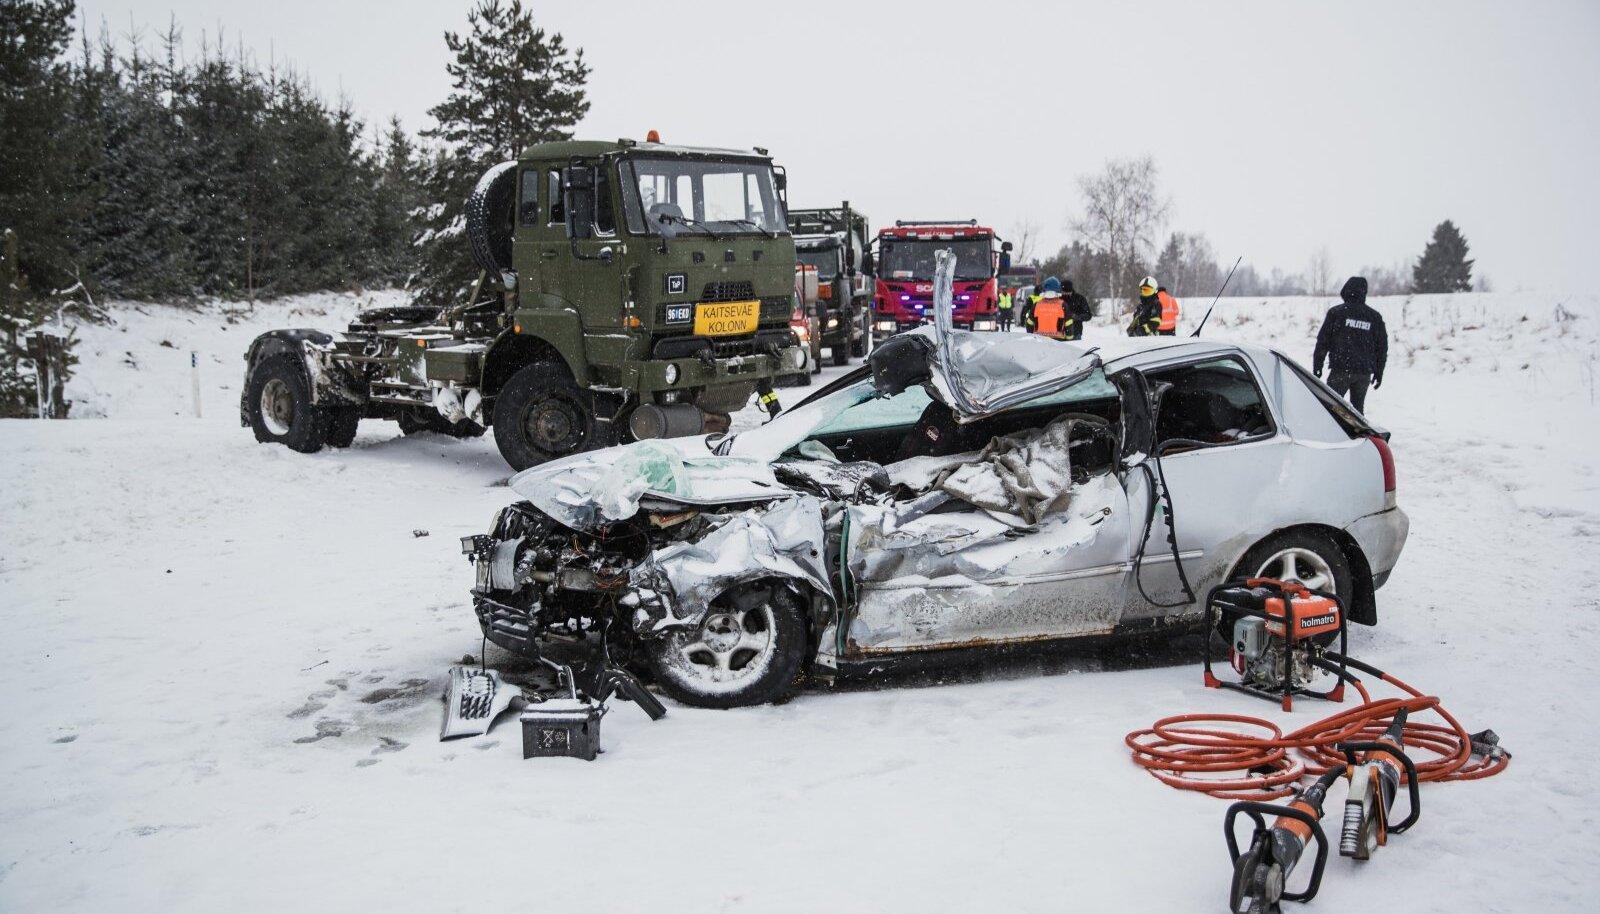 Liiklusõnnetus Põlva-Reola maanteel.